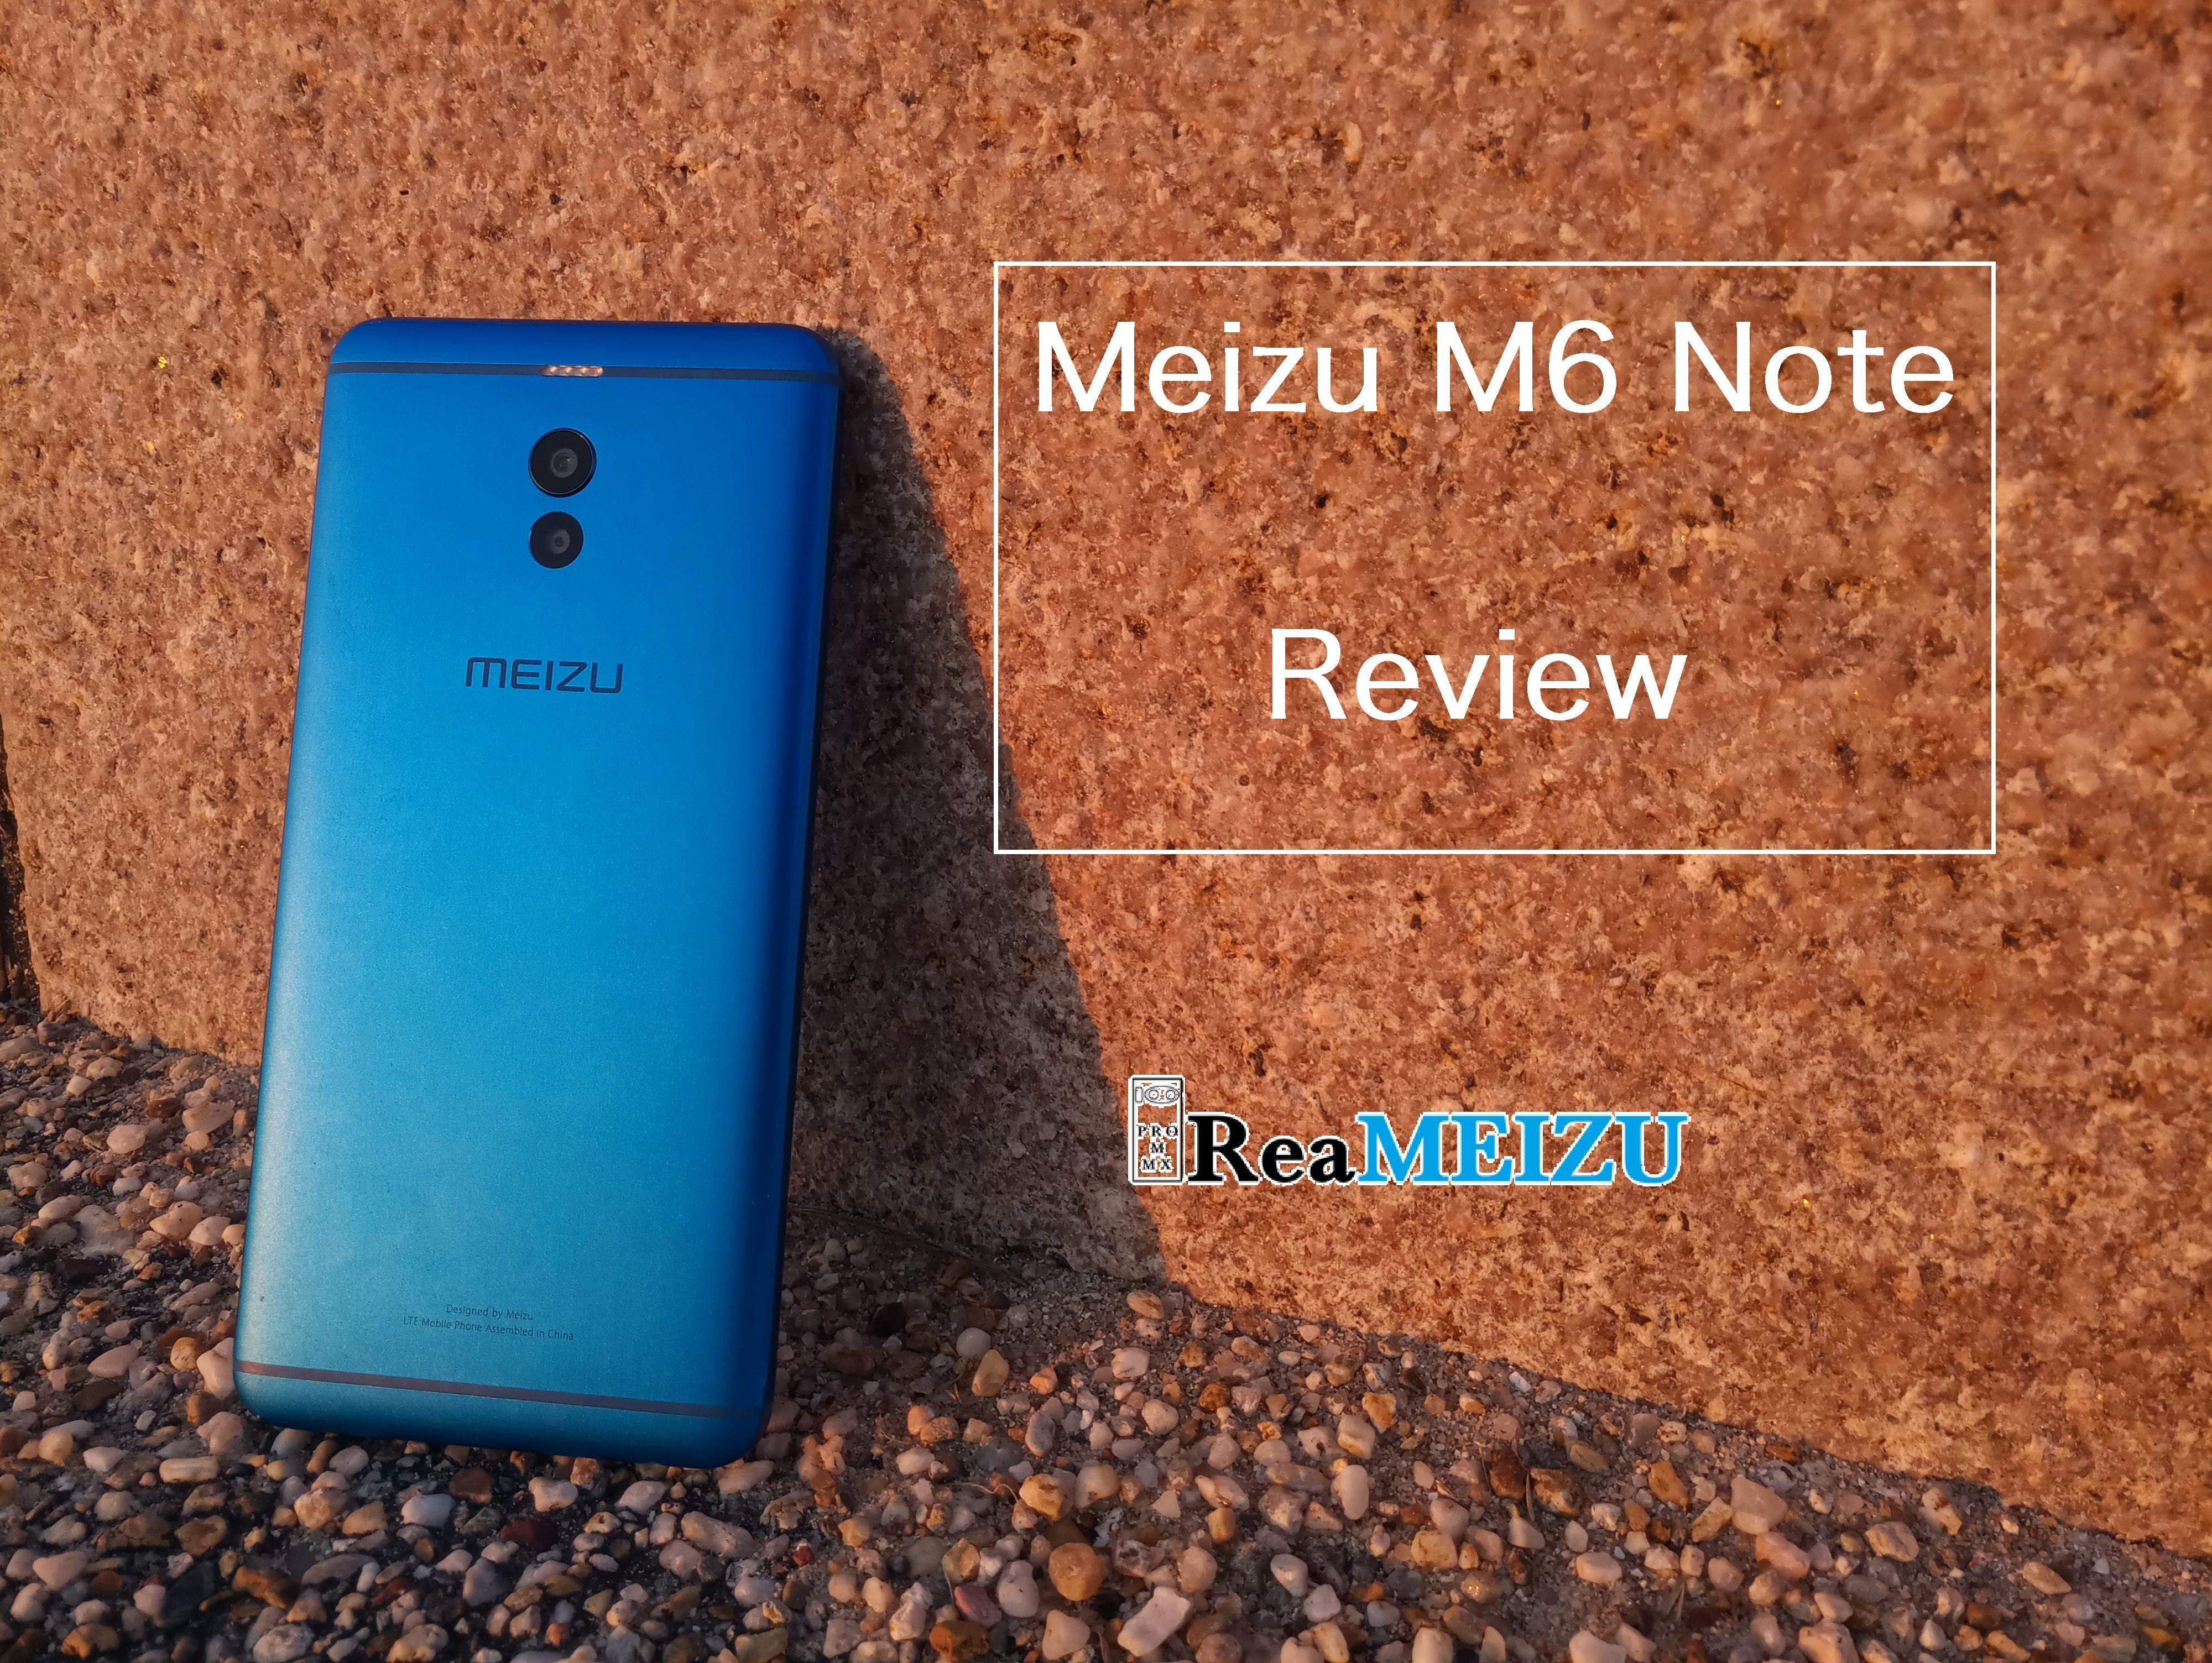 Meizu M6 Noteのフルレビュー - ミドルレンジながらカメラはトップクラス